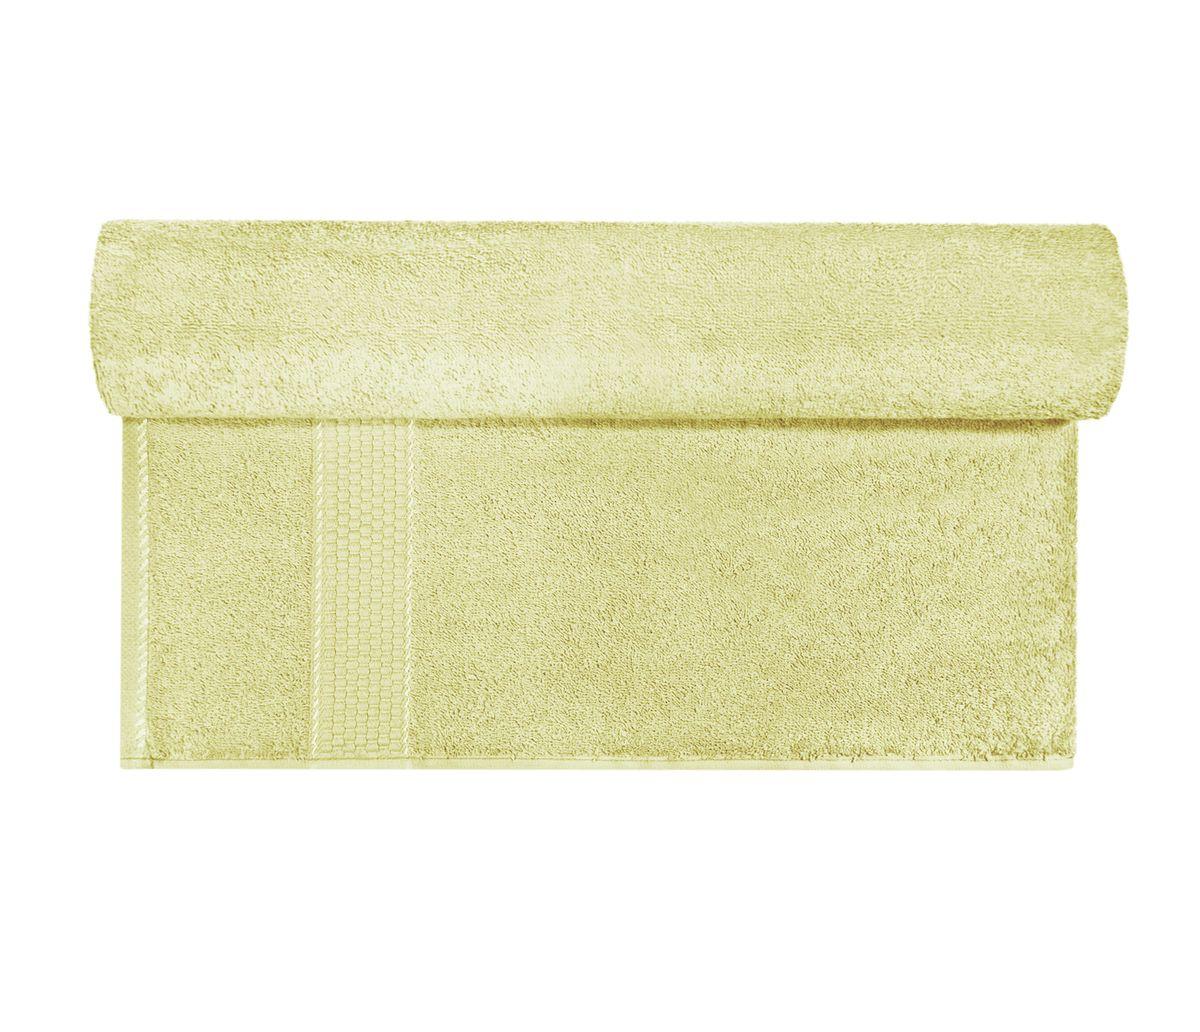 Полотенце махровое Osborn Textile, цвет: лимонный, 70 см х 140 смУзТ-МПБ-004-02-02В состав полотенца Osborn Textile входит только натуральное волокно - хлопок. Лаконичные бордюры подойдут для любого интерьера ванной комнаты. Полотенце прекрасно впитывает влагу и быстро сохнет. При соблюдении рекомендаций по уходу не линяет и не теряет форму даже после многократных стирок. Плотность: 450 г/м2.